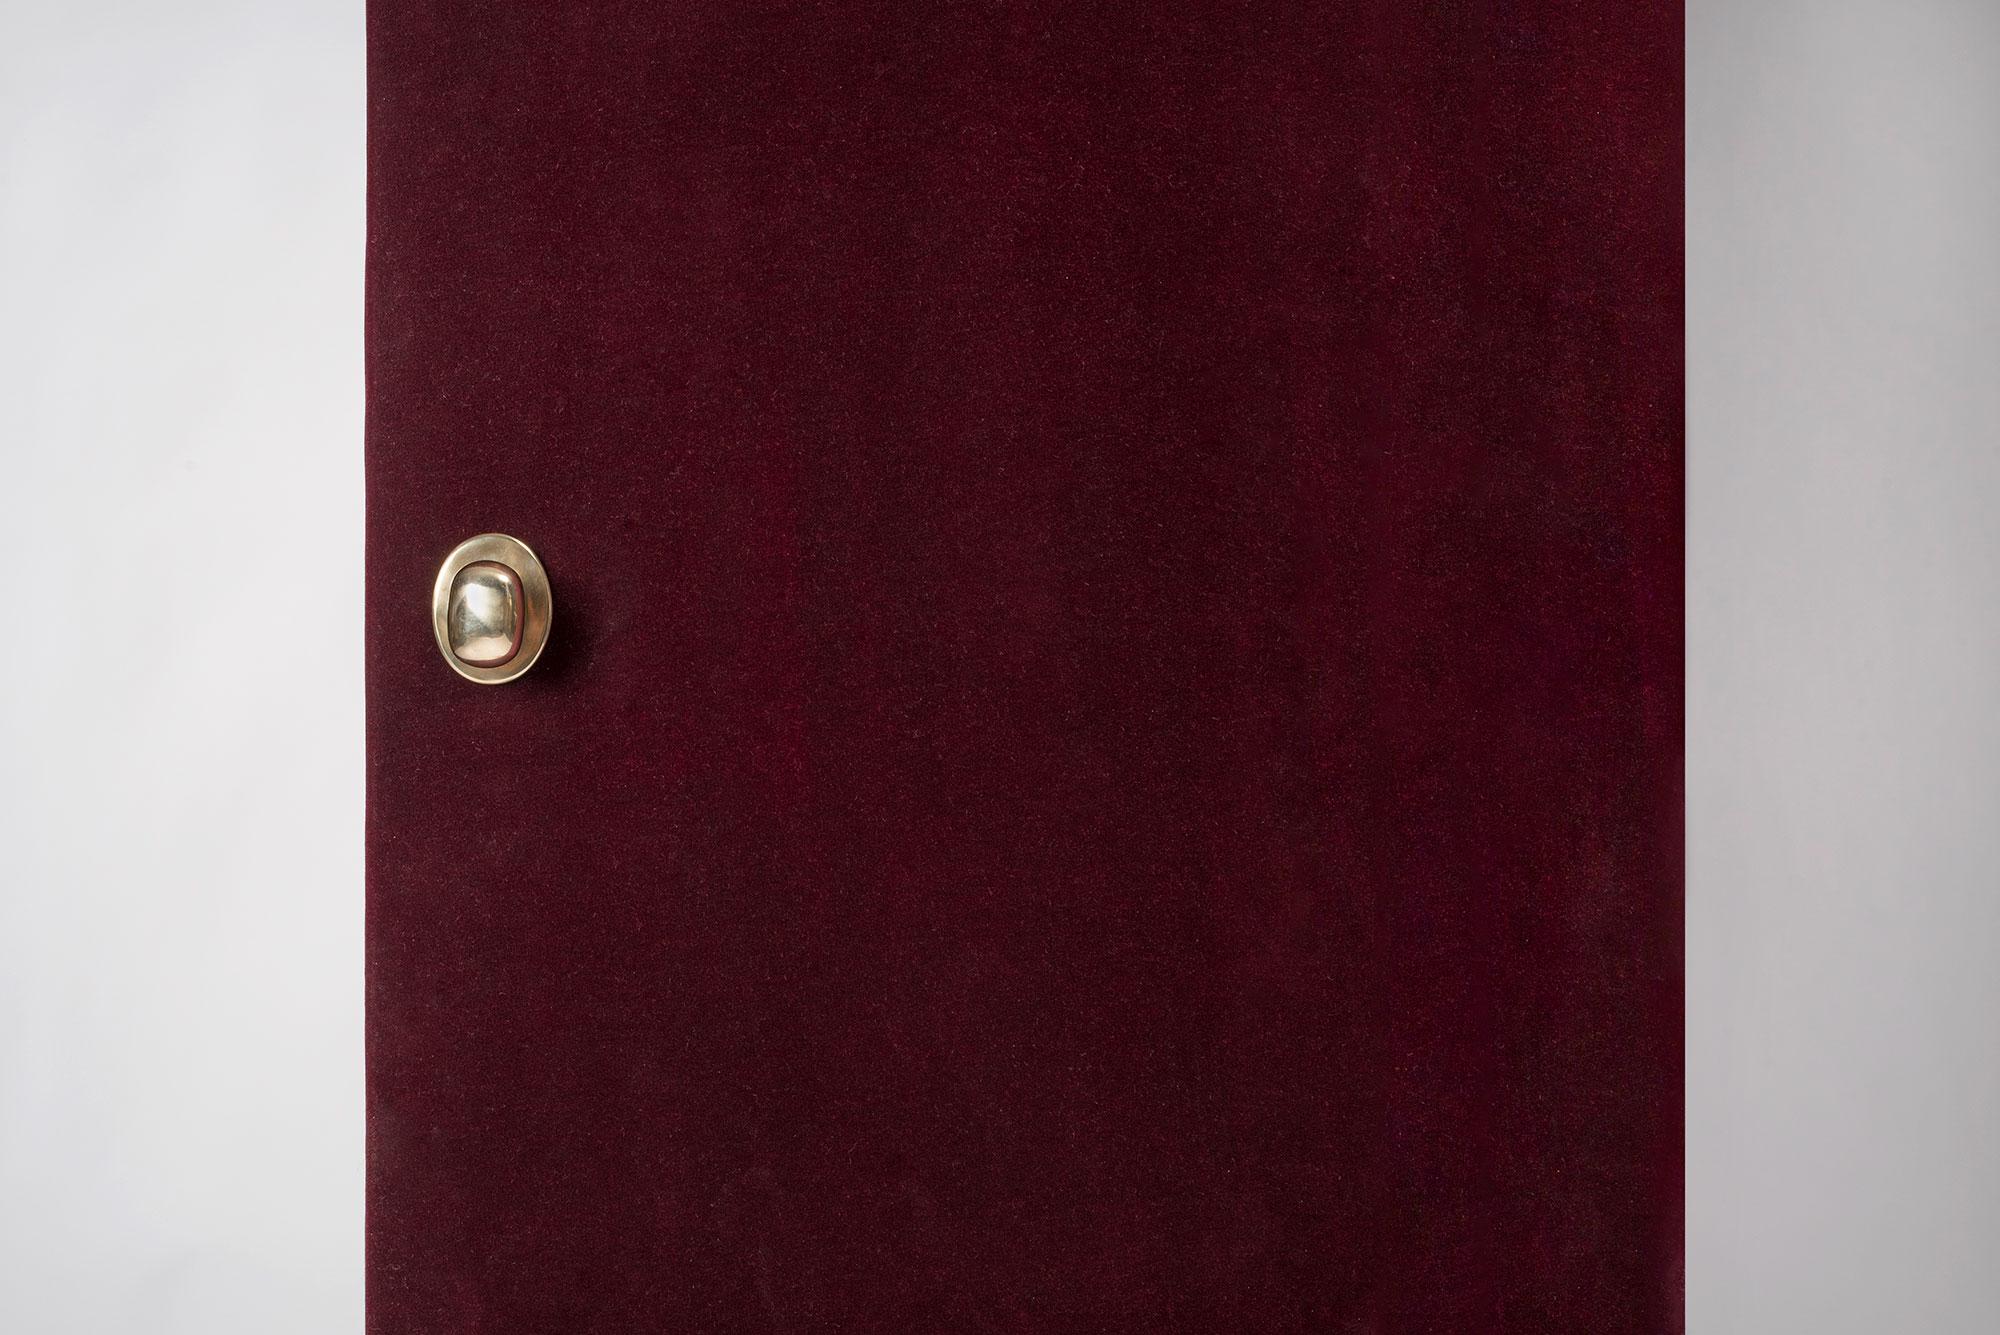 Luigi Caccia Dominioni  |                              M 3 centered doorknob